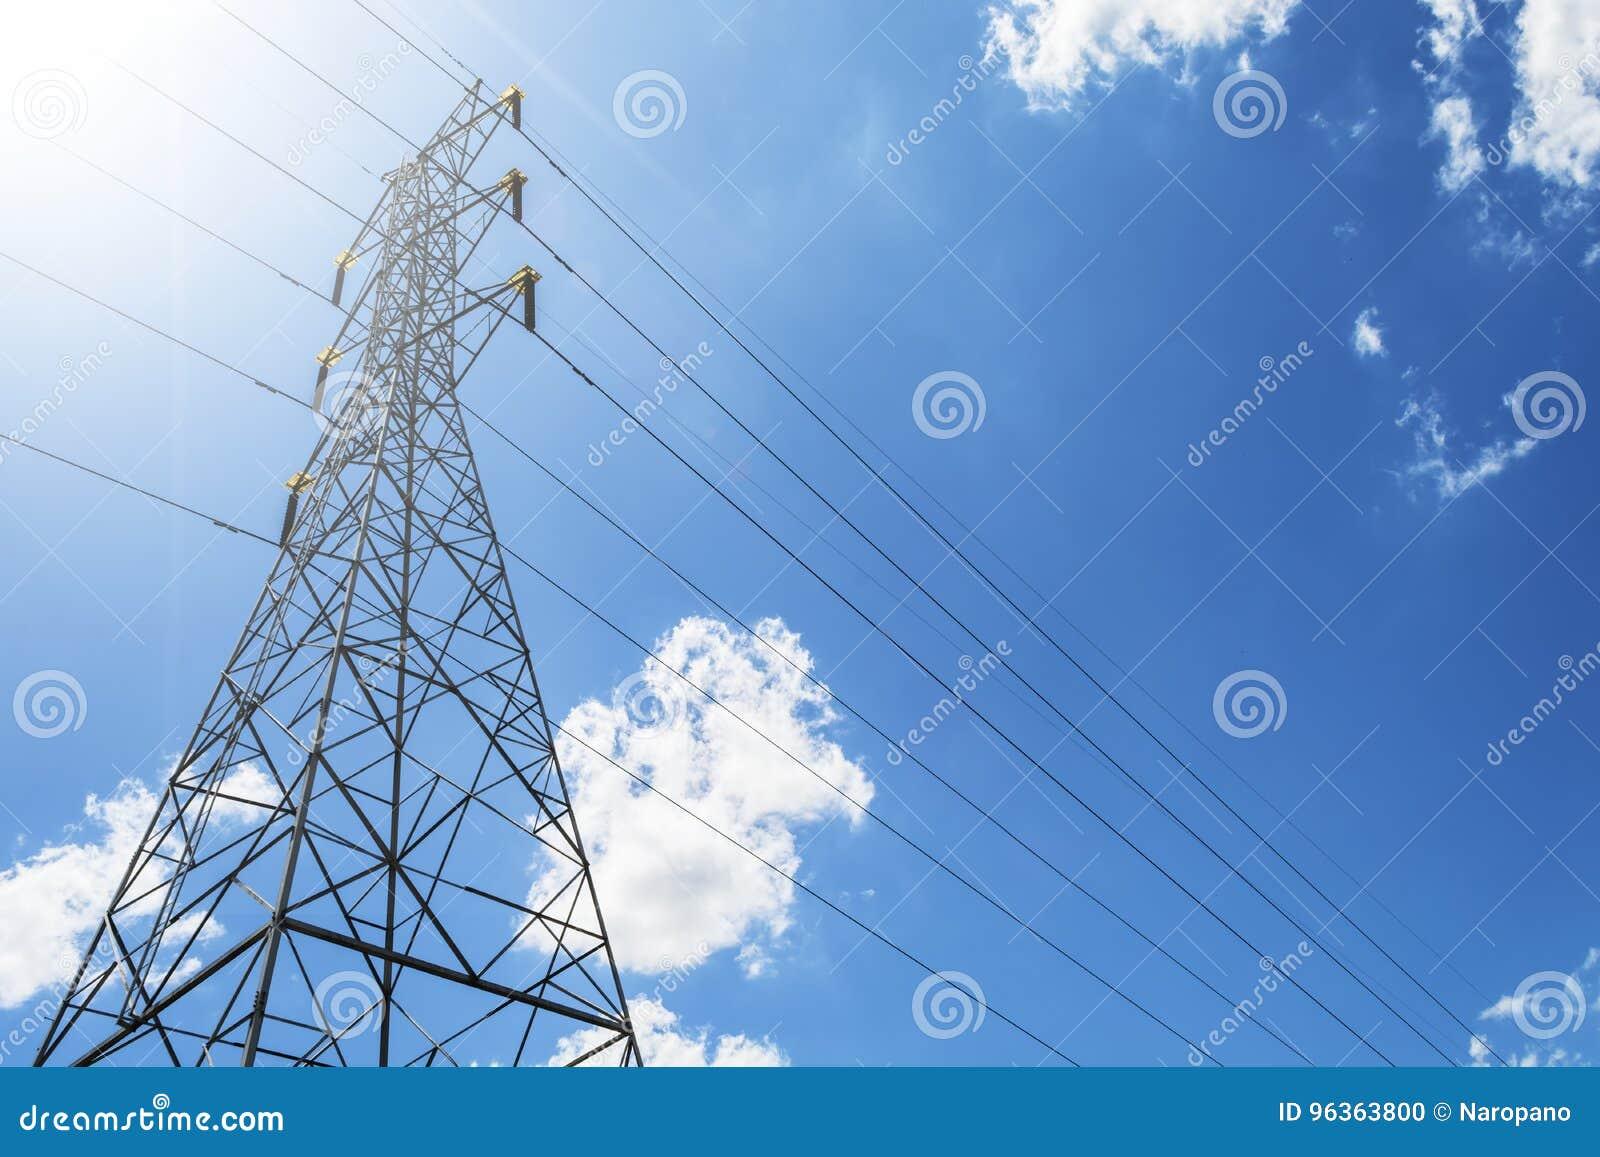 För överföringstorn för hög spänning elektrisk pylon för energi mot th